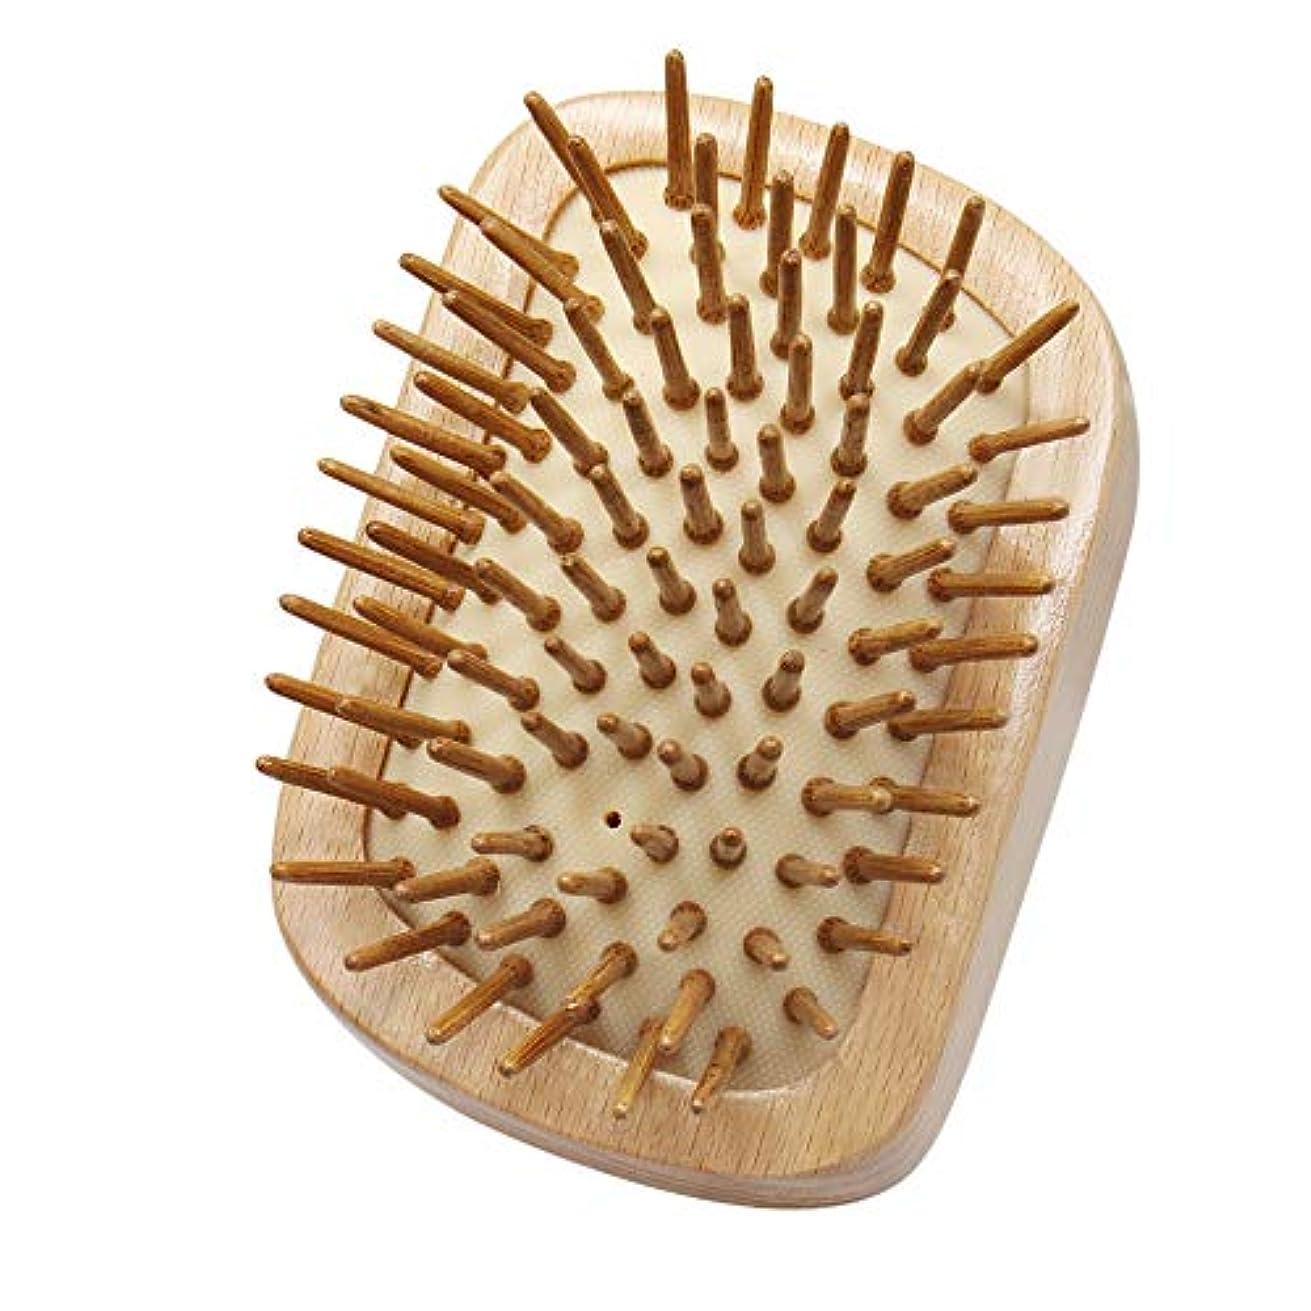 不十分パッケージぼかすヘアブラシ 木製 Mifine 櫛 くし ヘアケア ランキング 頭皮/肩/顔マッサージコーム 艶髪 美髪ケア 静電気防止 血行促進